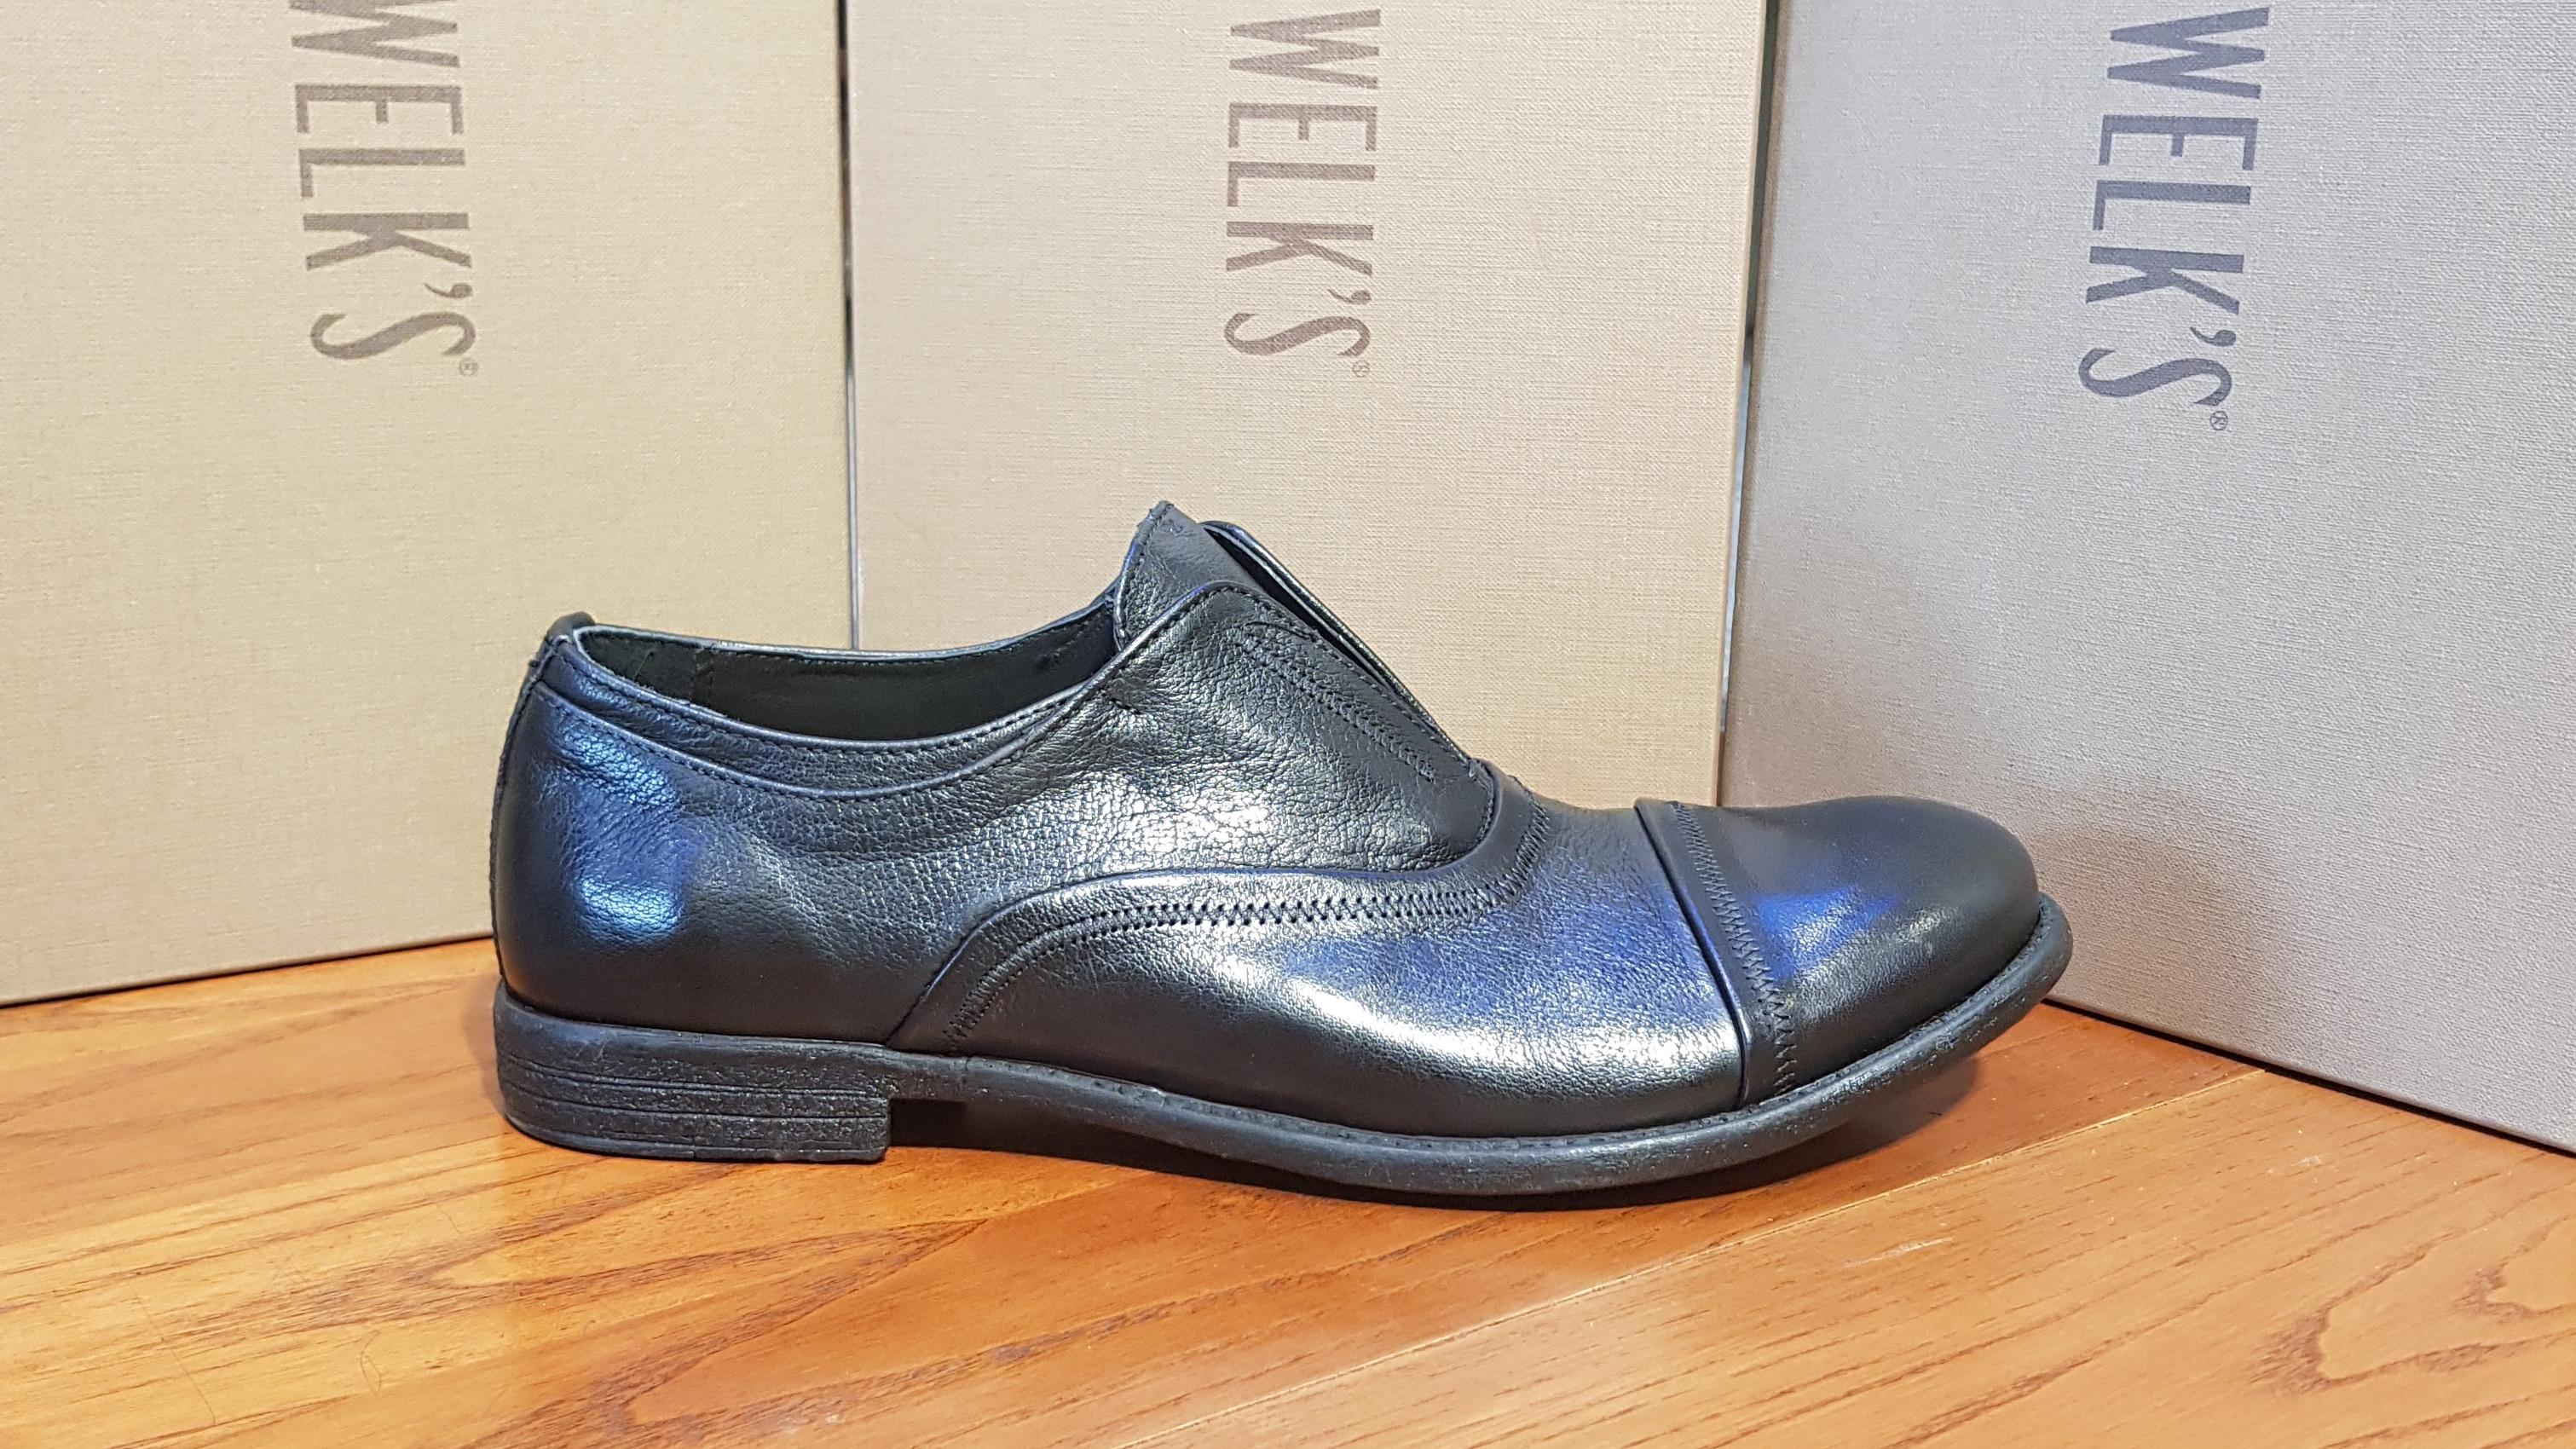 scarpe-francesina-senza-lacci-cecchi-uomo-firenze